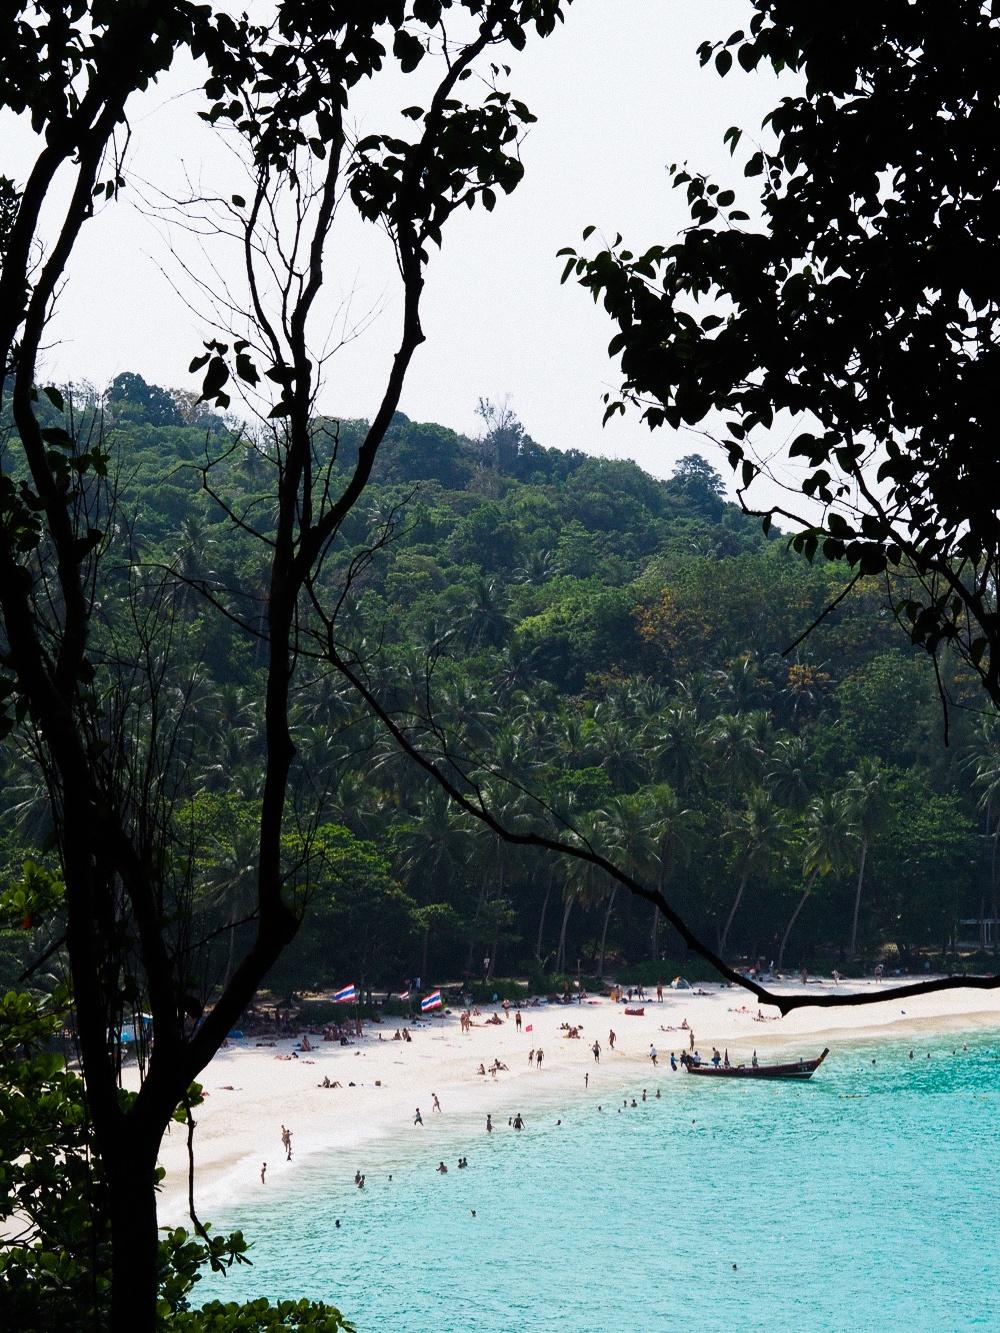 Rejseguide til Phuket